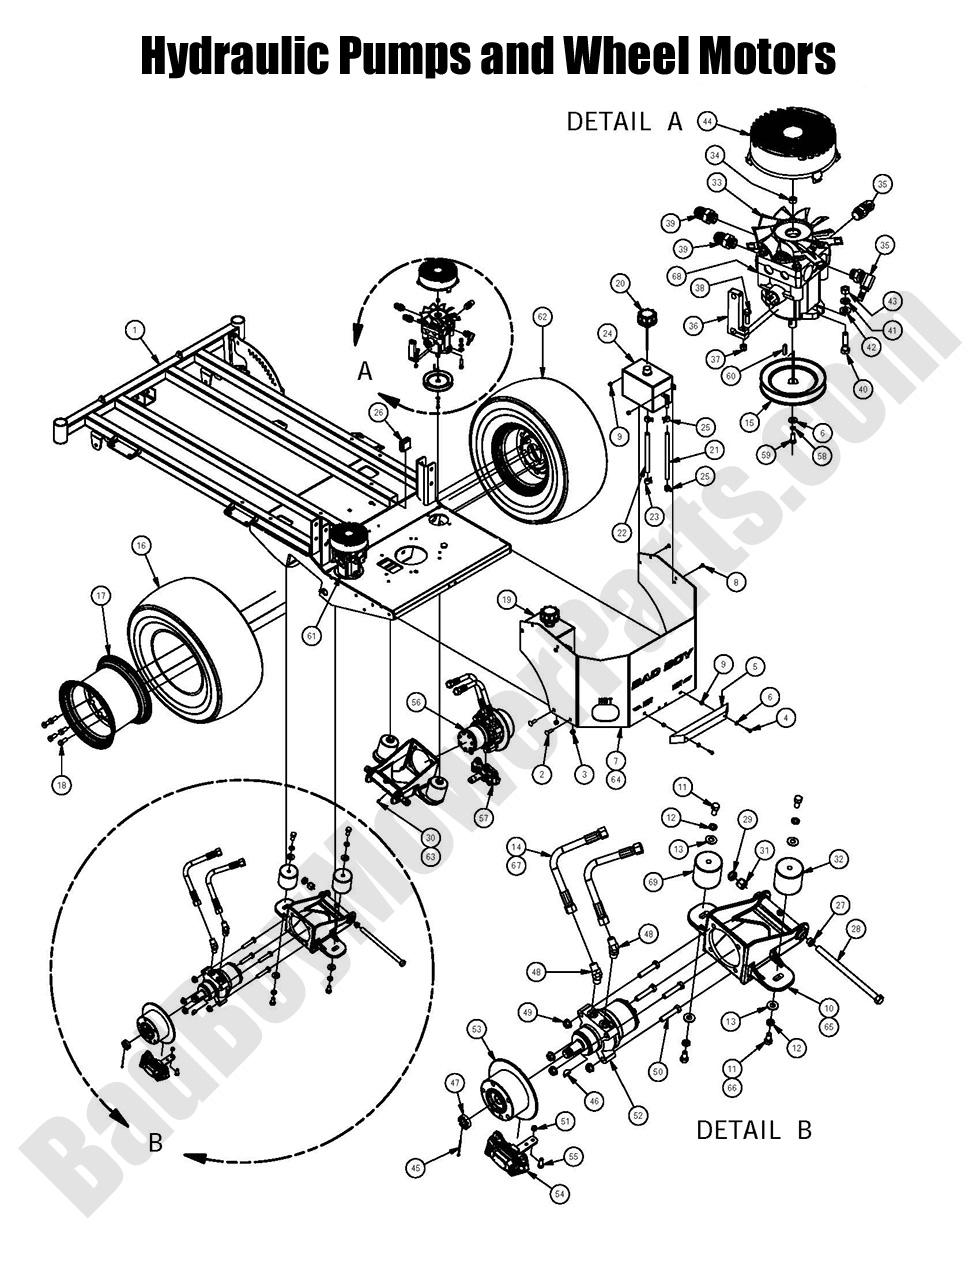 Bad Boy Mower Parts - 2016 Outlaw XP|Hydraulic Pumps & Wheel